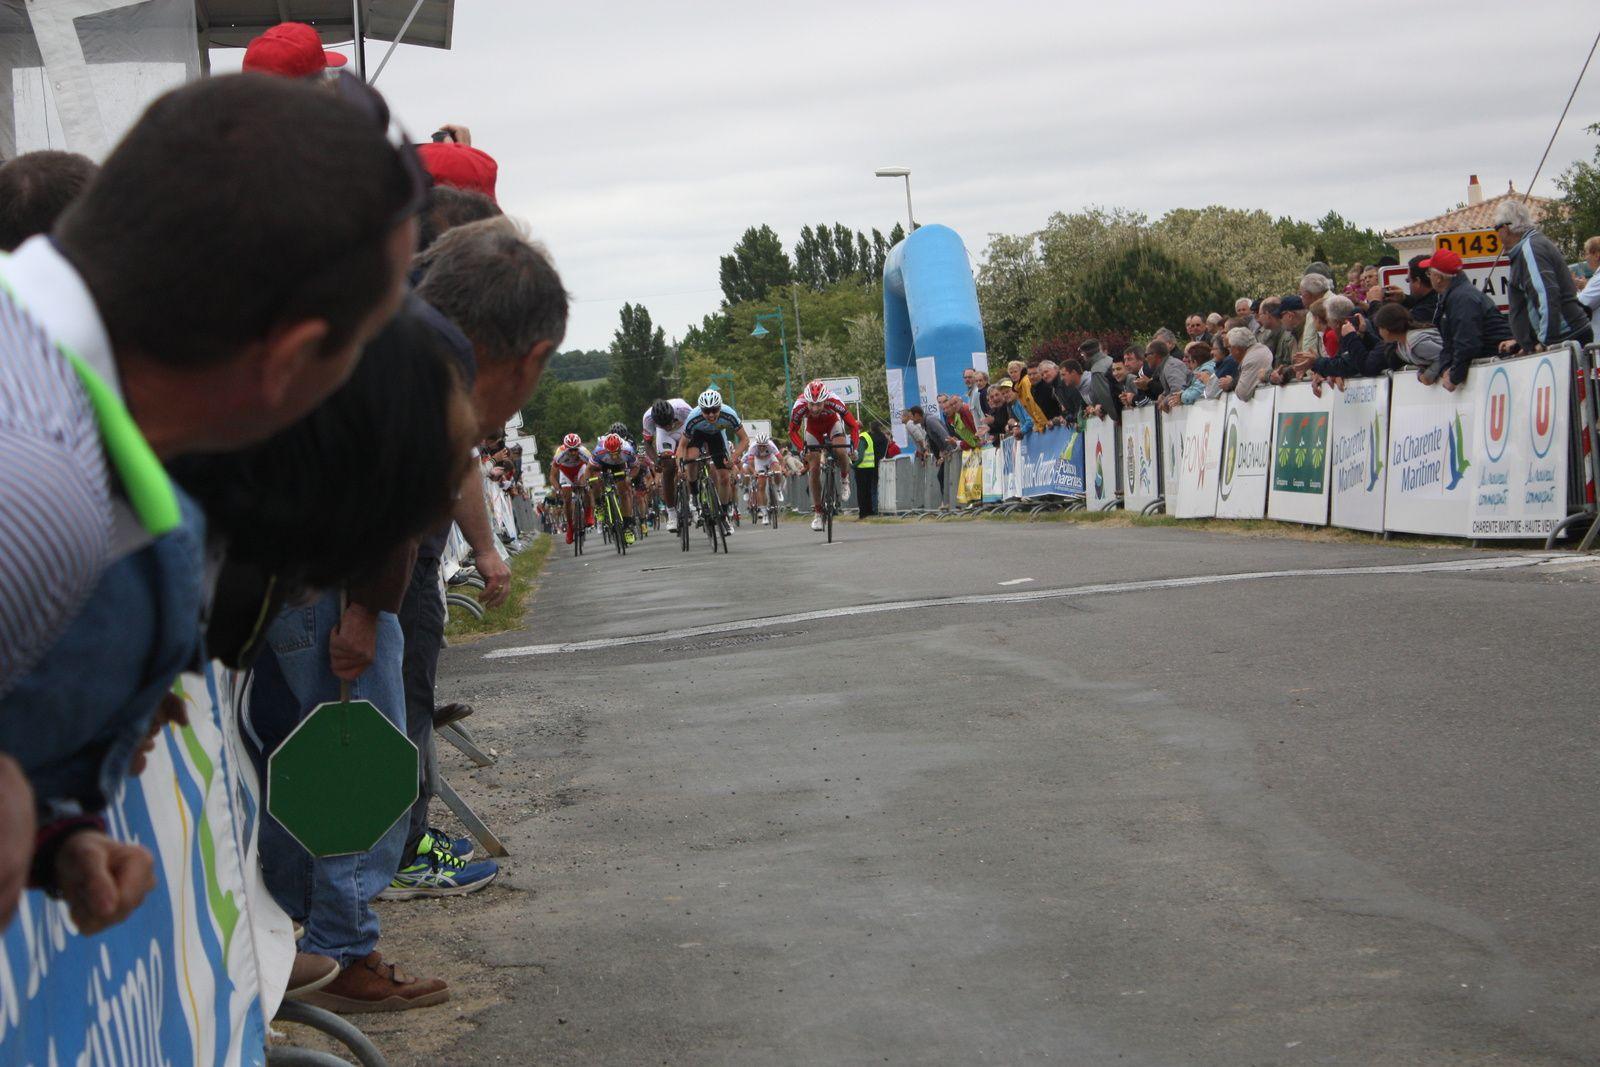 l'arrivée  du  peloton  complet  au  sprint